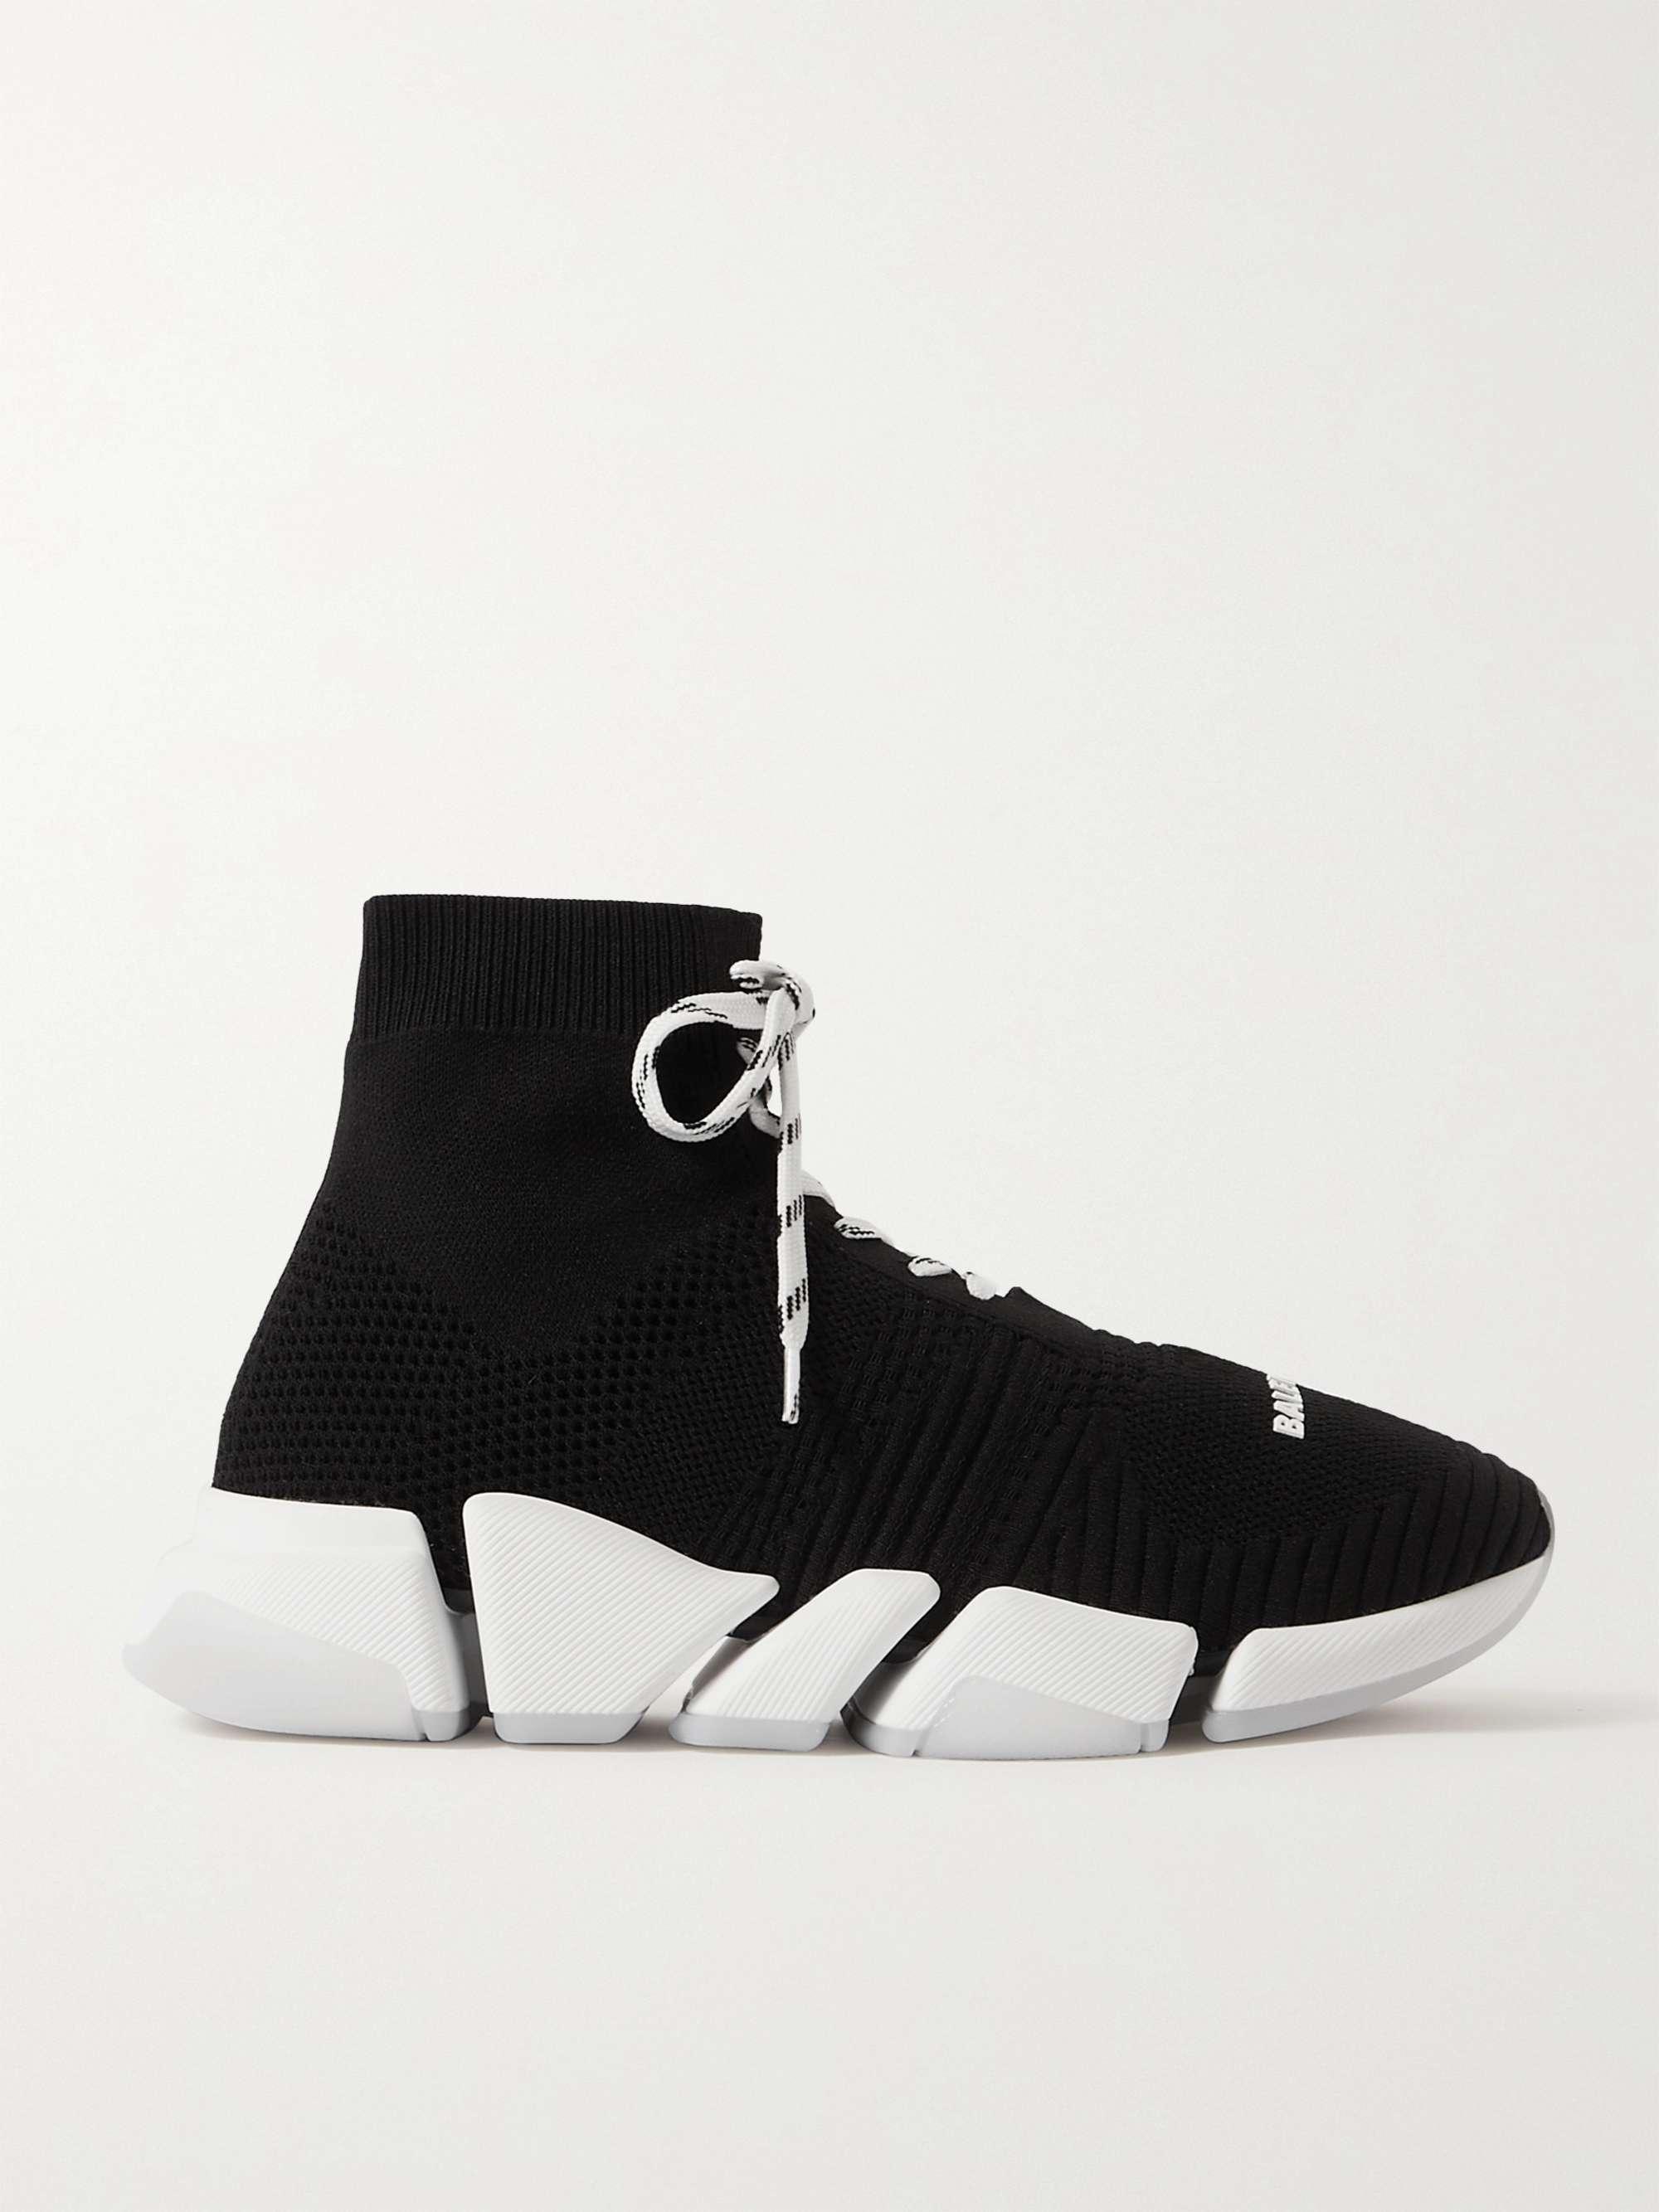 발렌시아가 스피드러너 2.0 남성용 - 블랙 Balenciaga Speed 2.0 Stretch-Knit Sneakers,Black